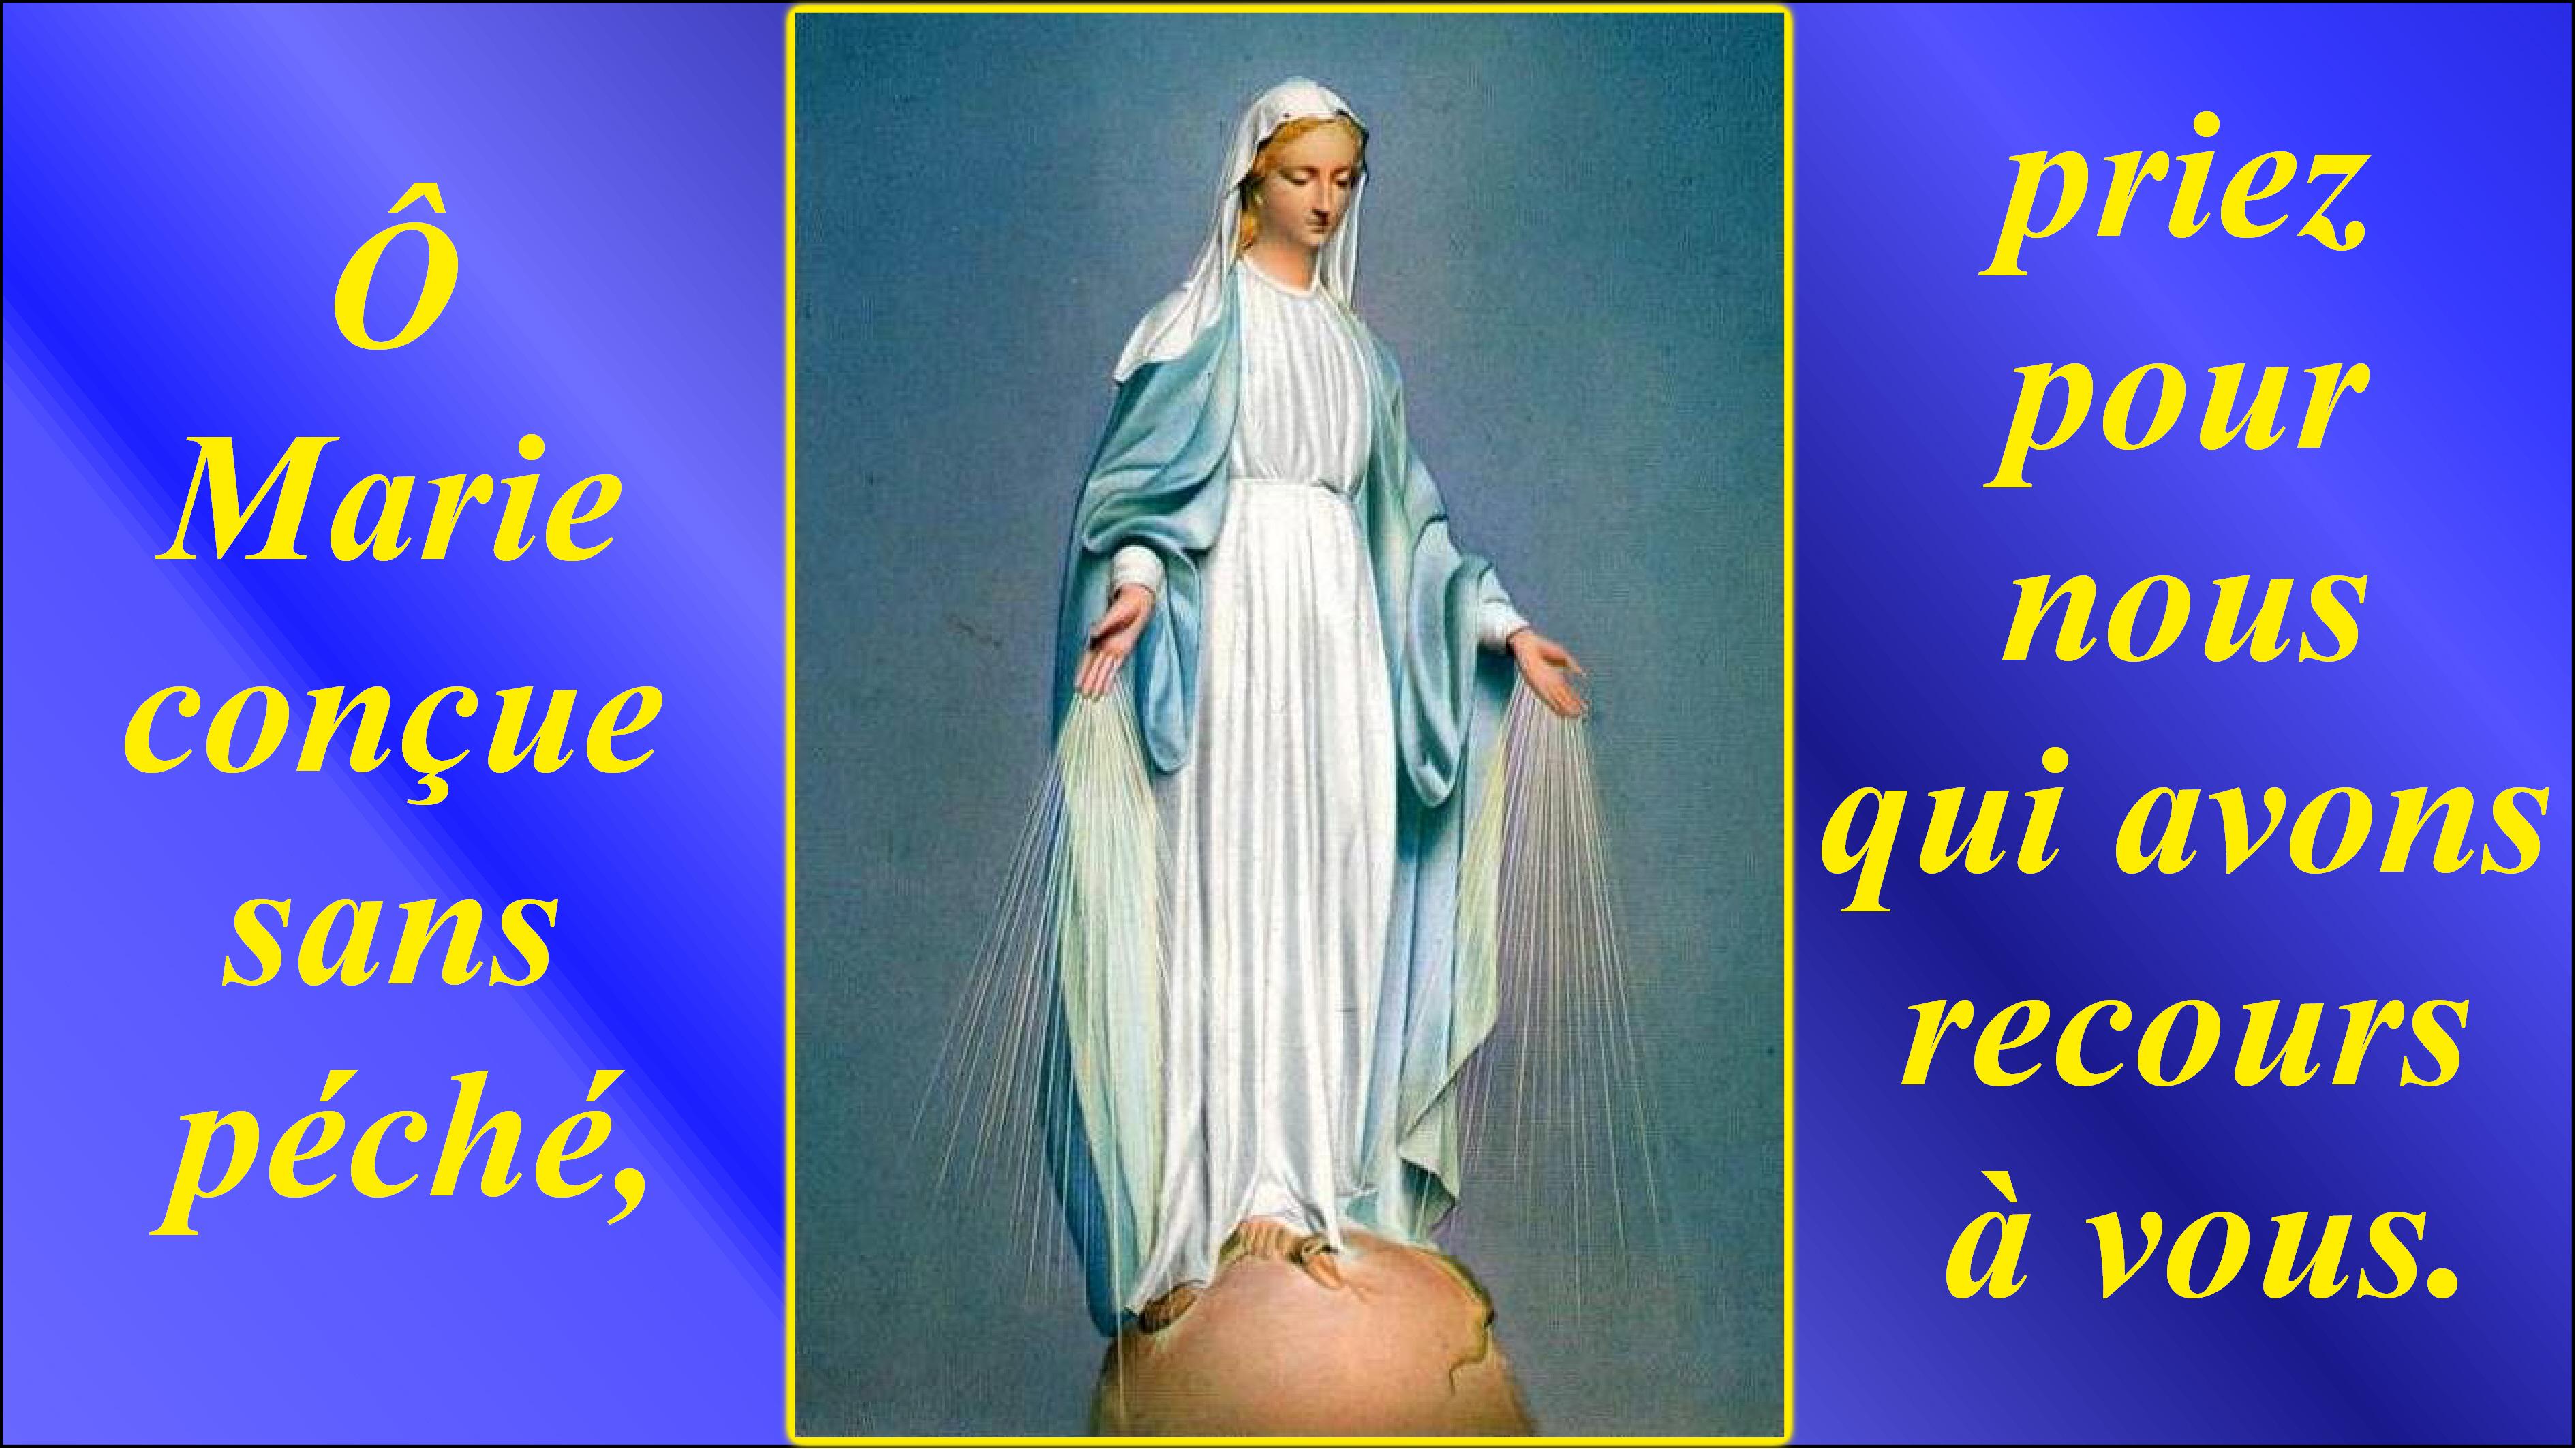 CALENDRIER CATHOLIQUE 2019 (Cantiques, Prières & Images) - Page 16 Notre-dame-de-la-...aculeuse-556c458